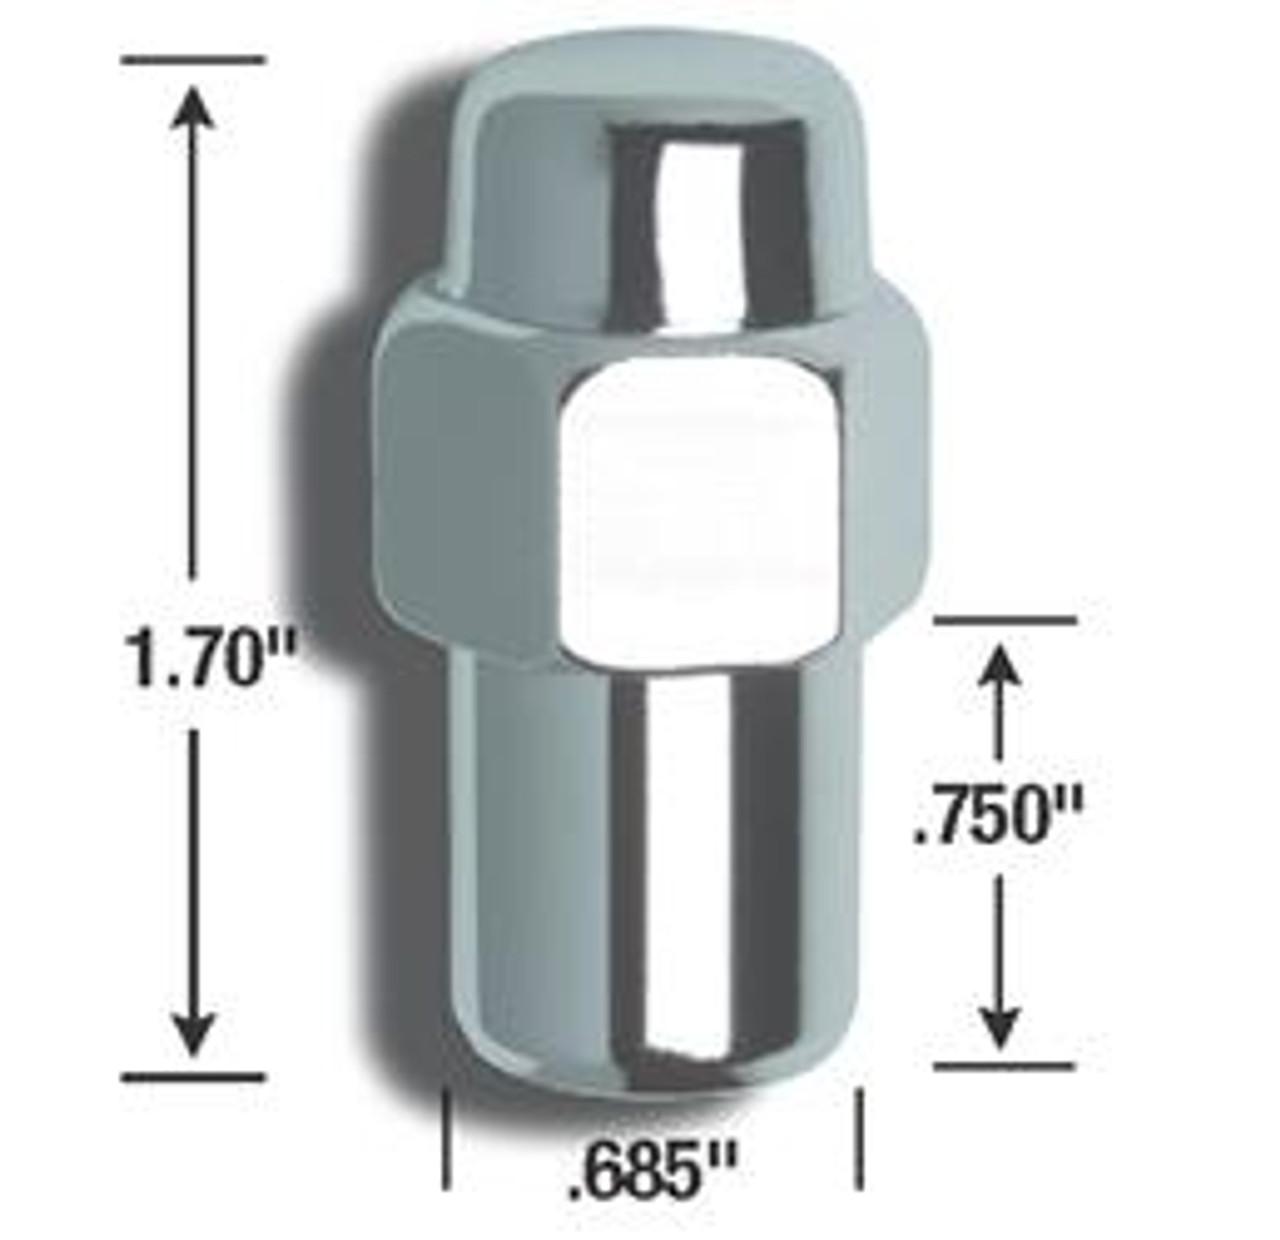 AME73188, LUG NUT 1/2 STD MAG  CLOSED END